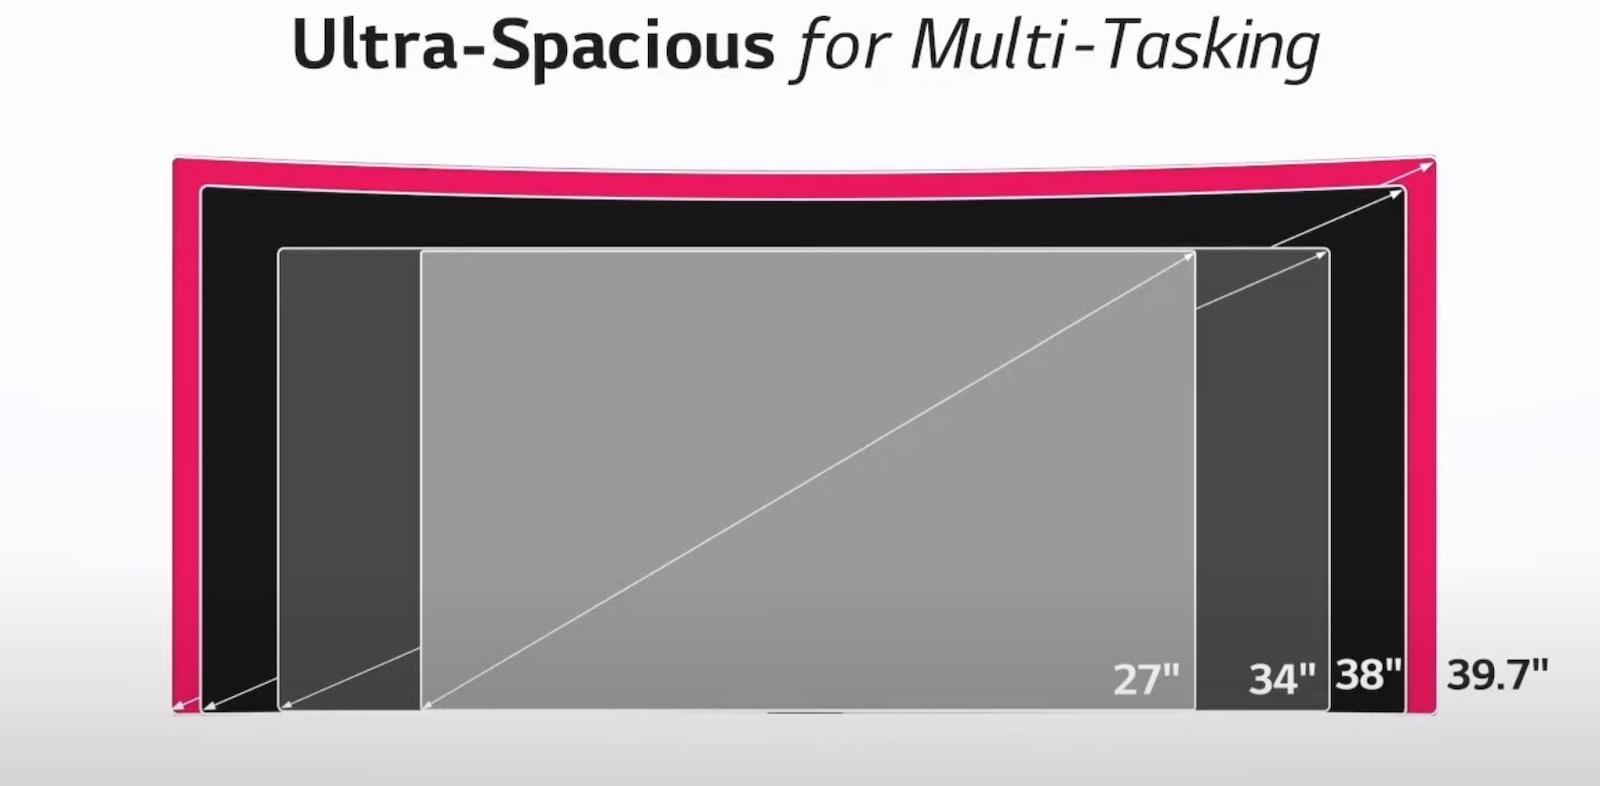 LG-UltraWide-Monitor-40WP95C-2.jpg